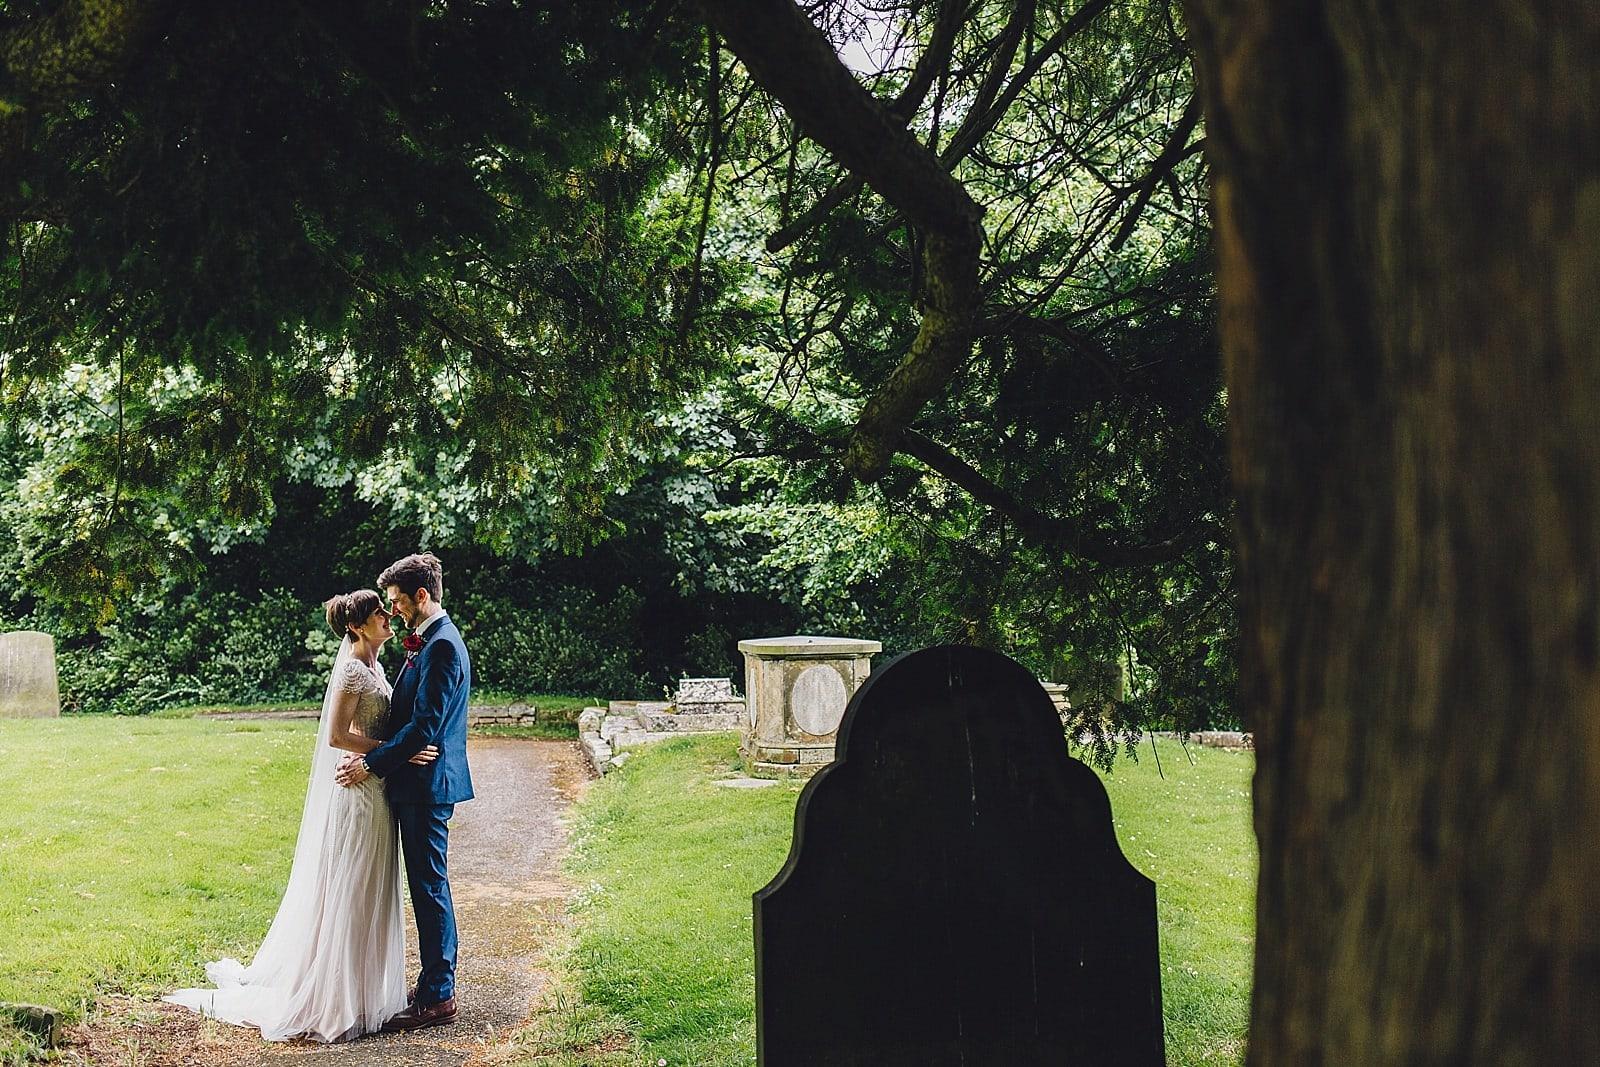 shustoke-barn-wedding-photography_0037